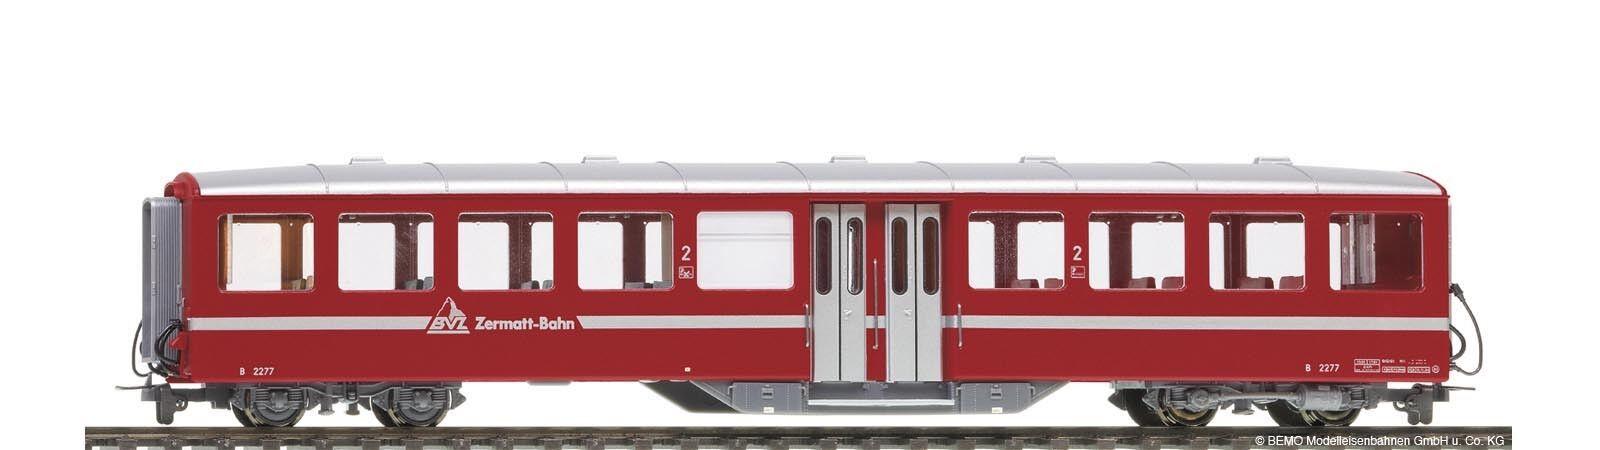 Bemo-h0m - 3257516 estrecho pista-a los turismos 2.kl.b2276 BVZ rojo mitteleinstiegsw